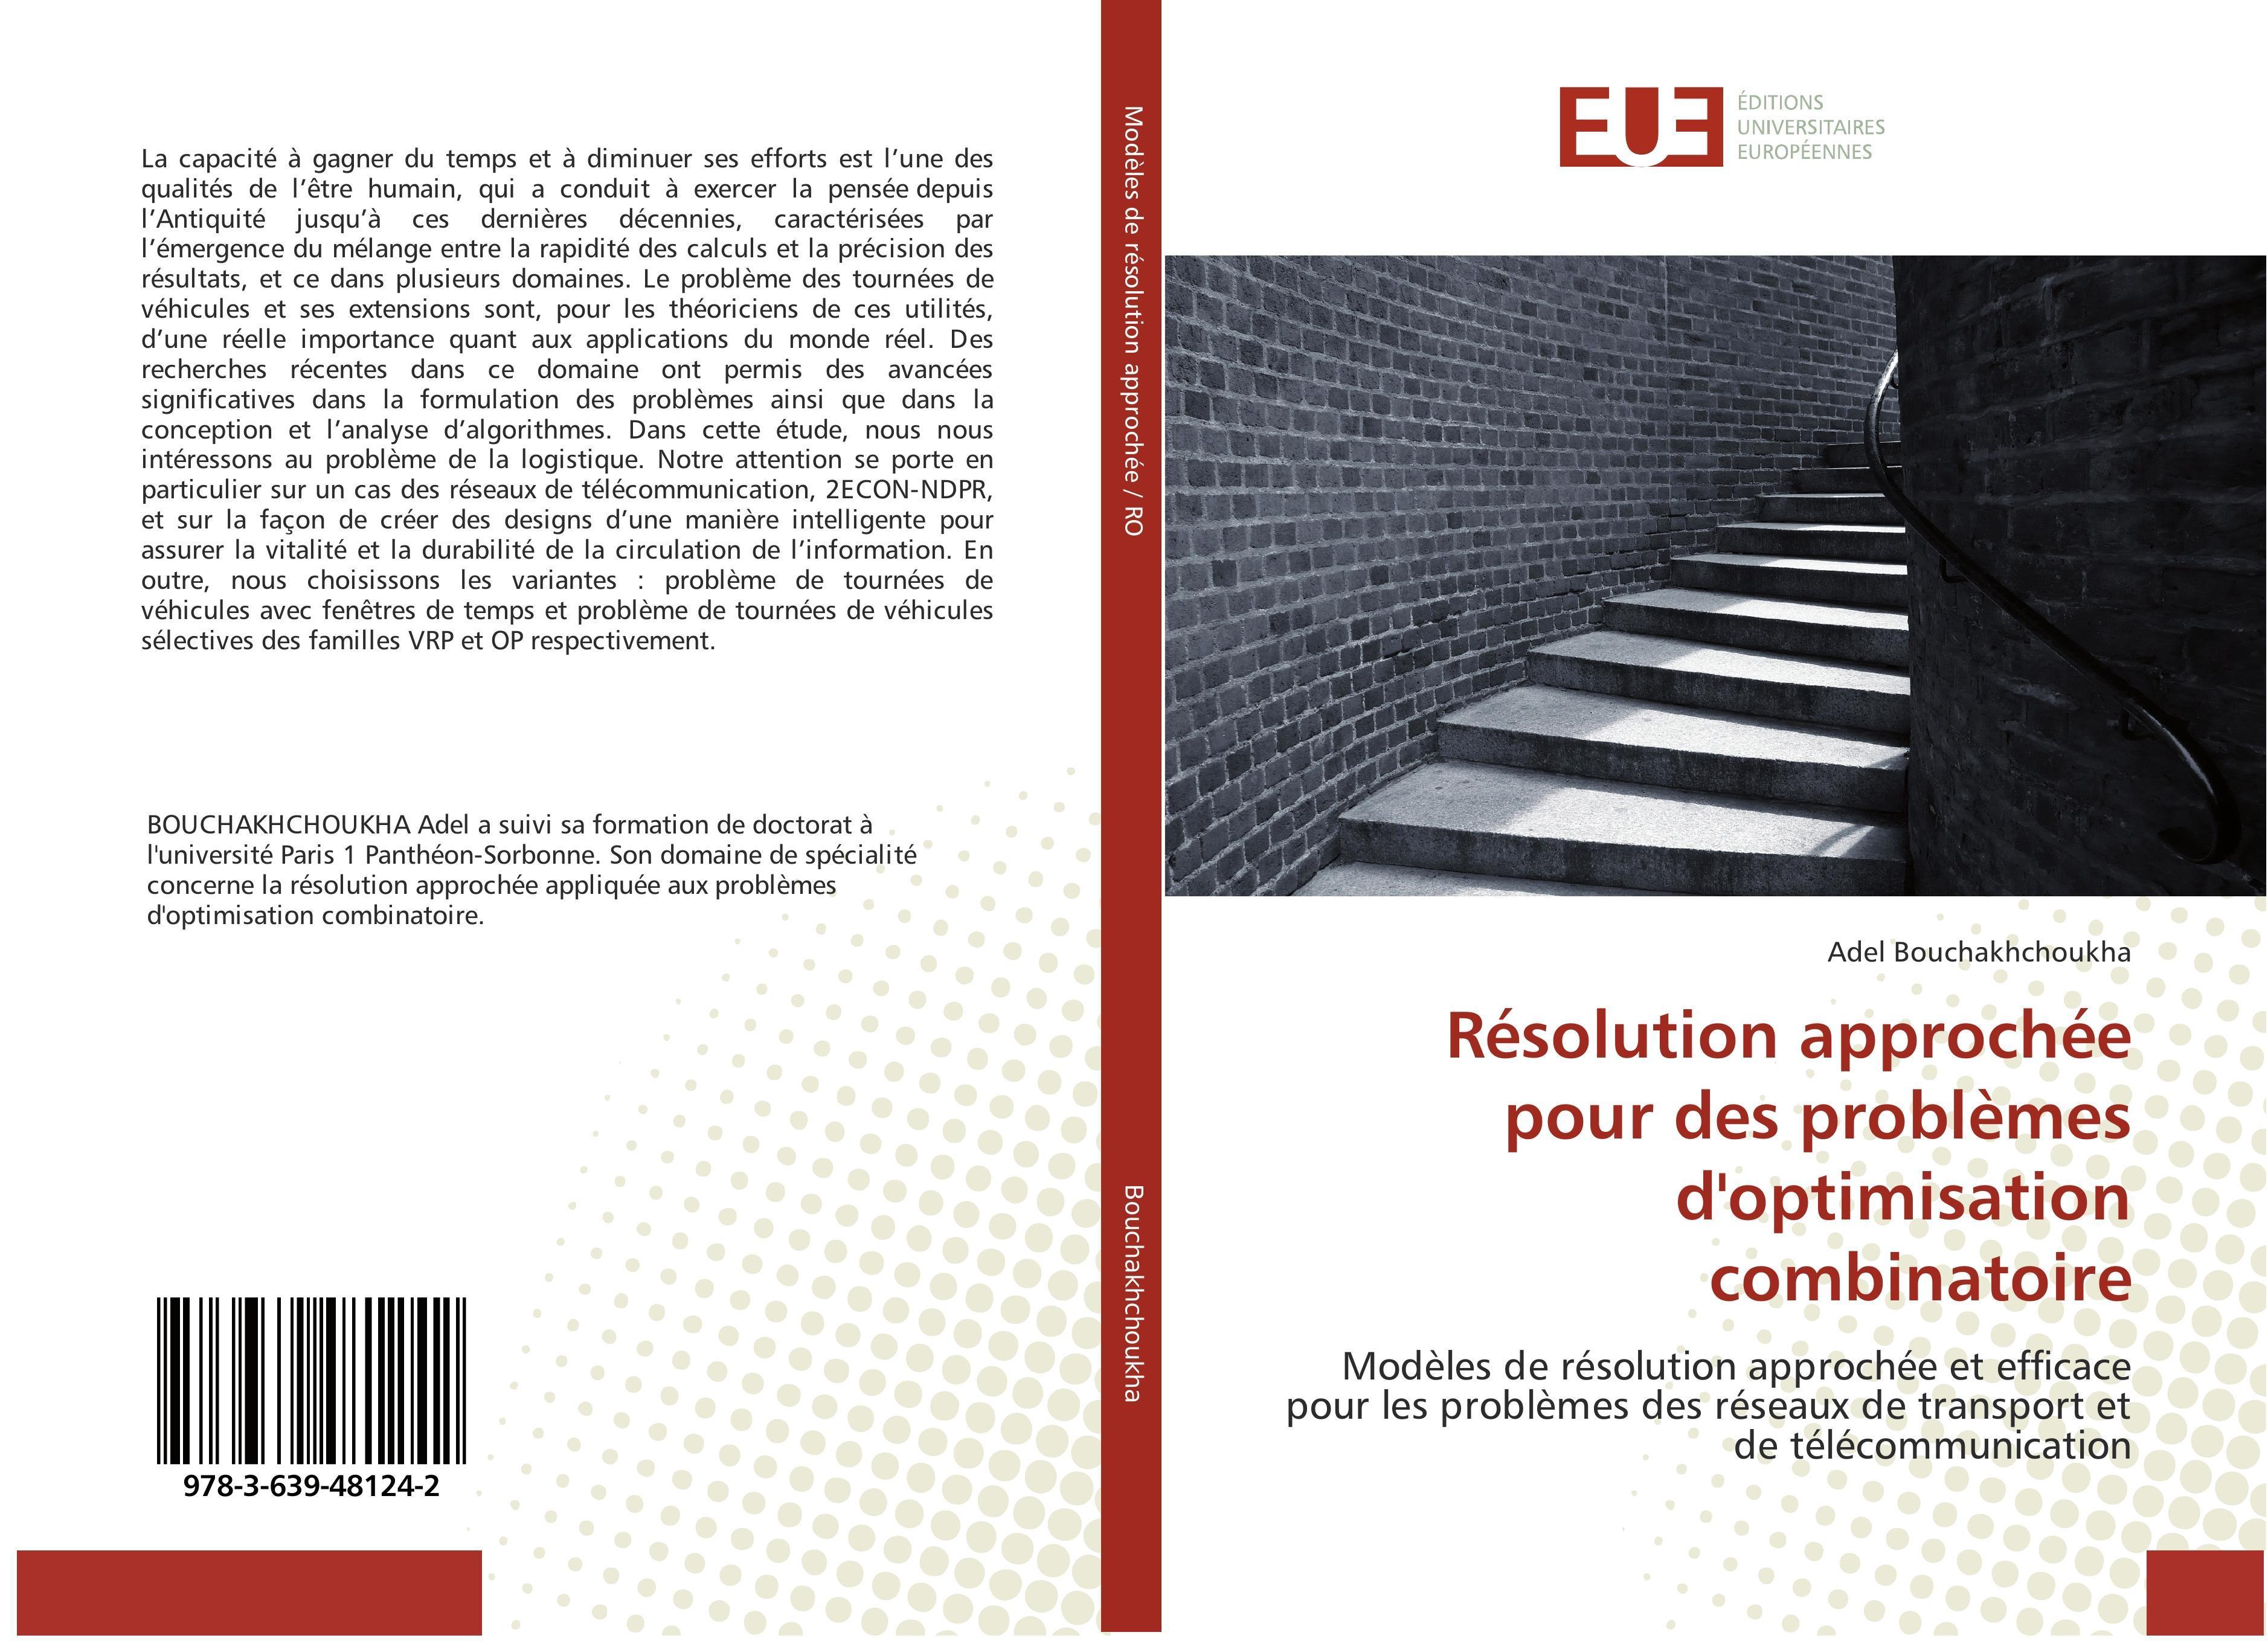 Adel Bouchakhchoukha / Résolution approchée pour des problèm ... 9783639481242